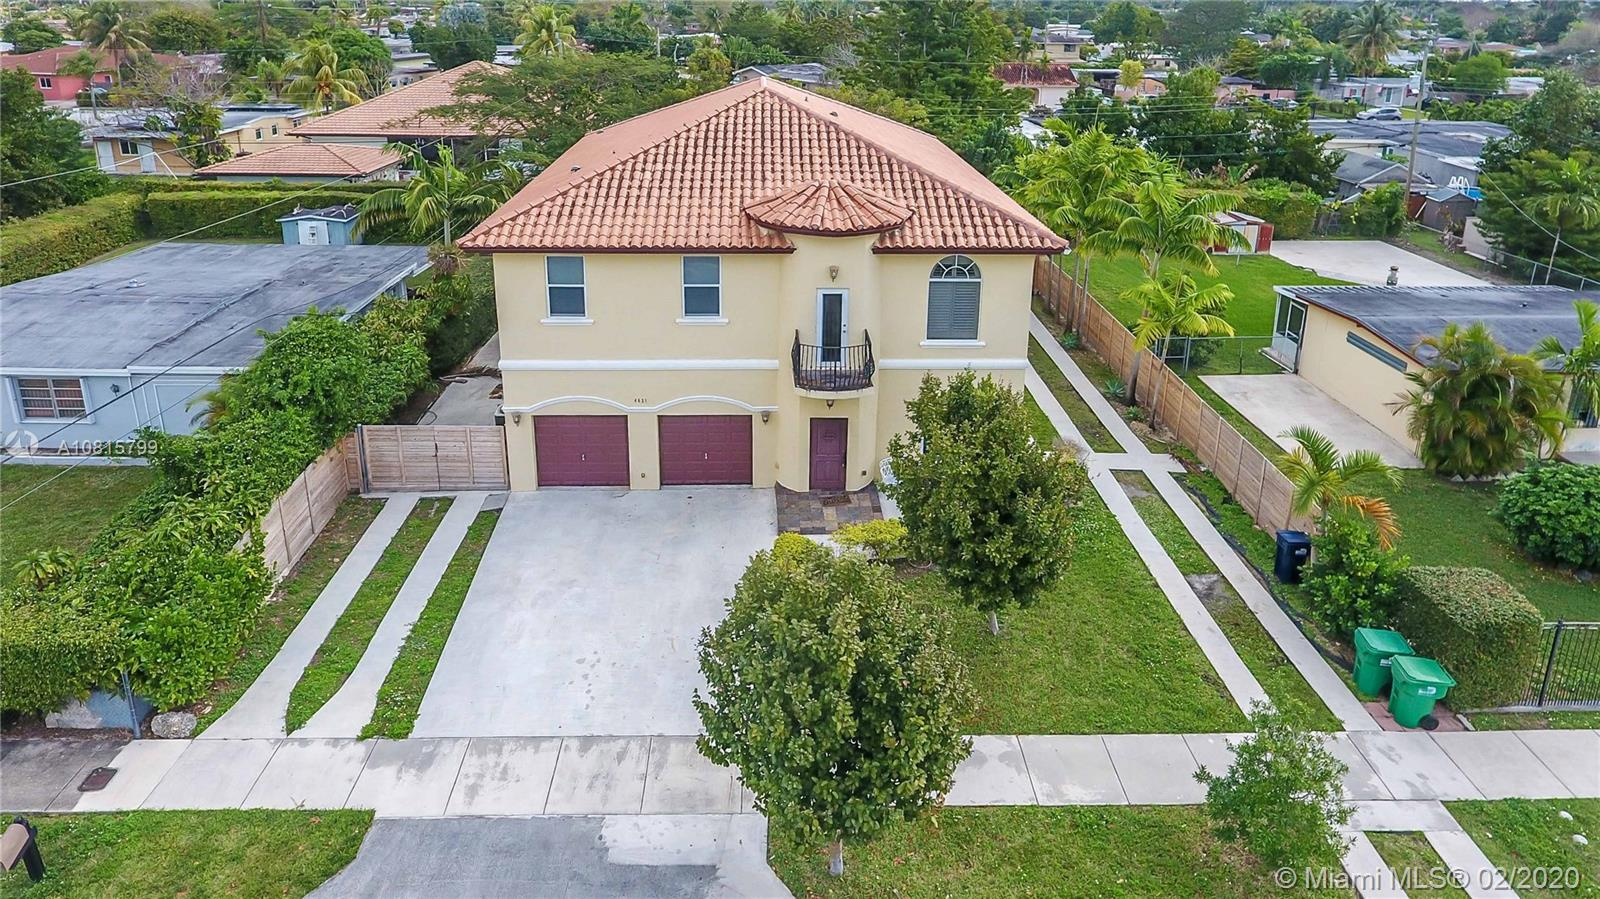 4621 SW 100th Ave, Miami, FL 33165